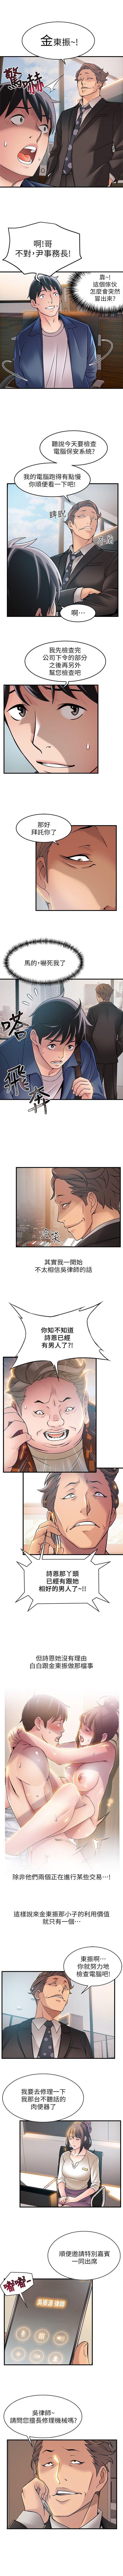 (週7)弱點 1-76 中文翻譯(更新中) 148